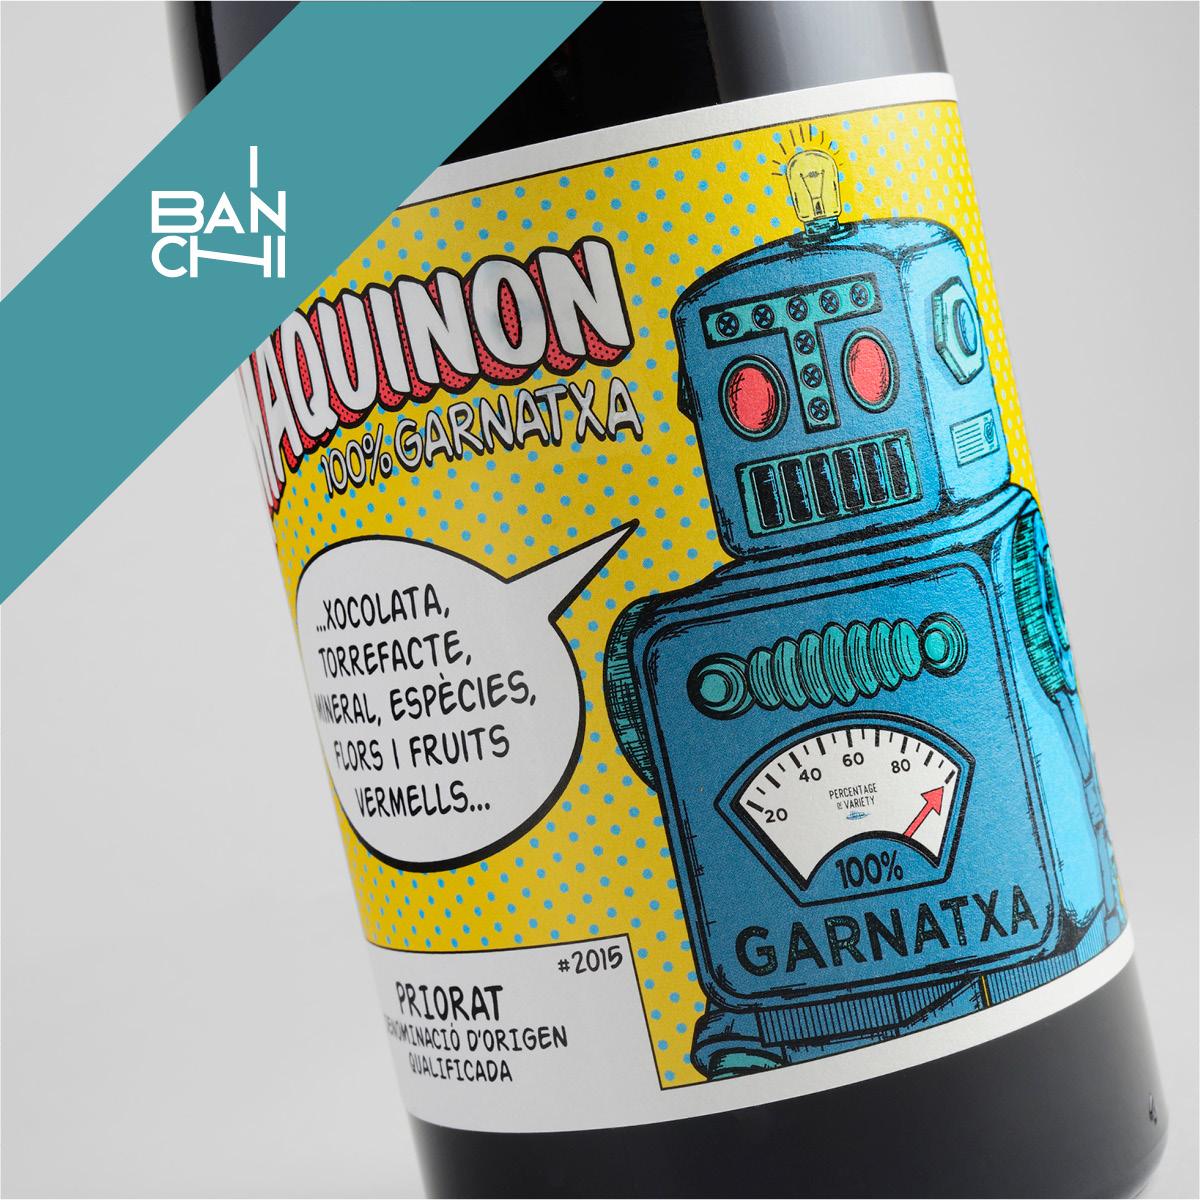 Ristorante I Banchi Ragusa Maquinon vino rosso spagnolo casa rojo